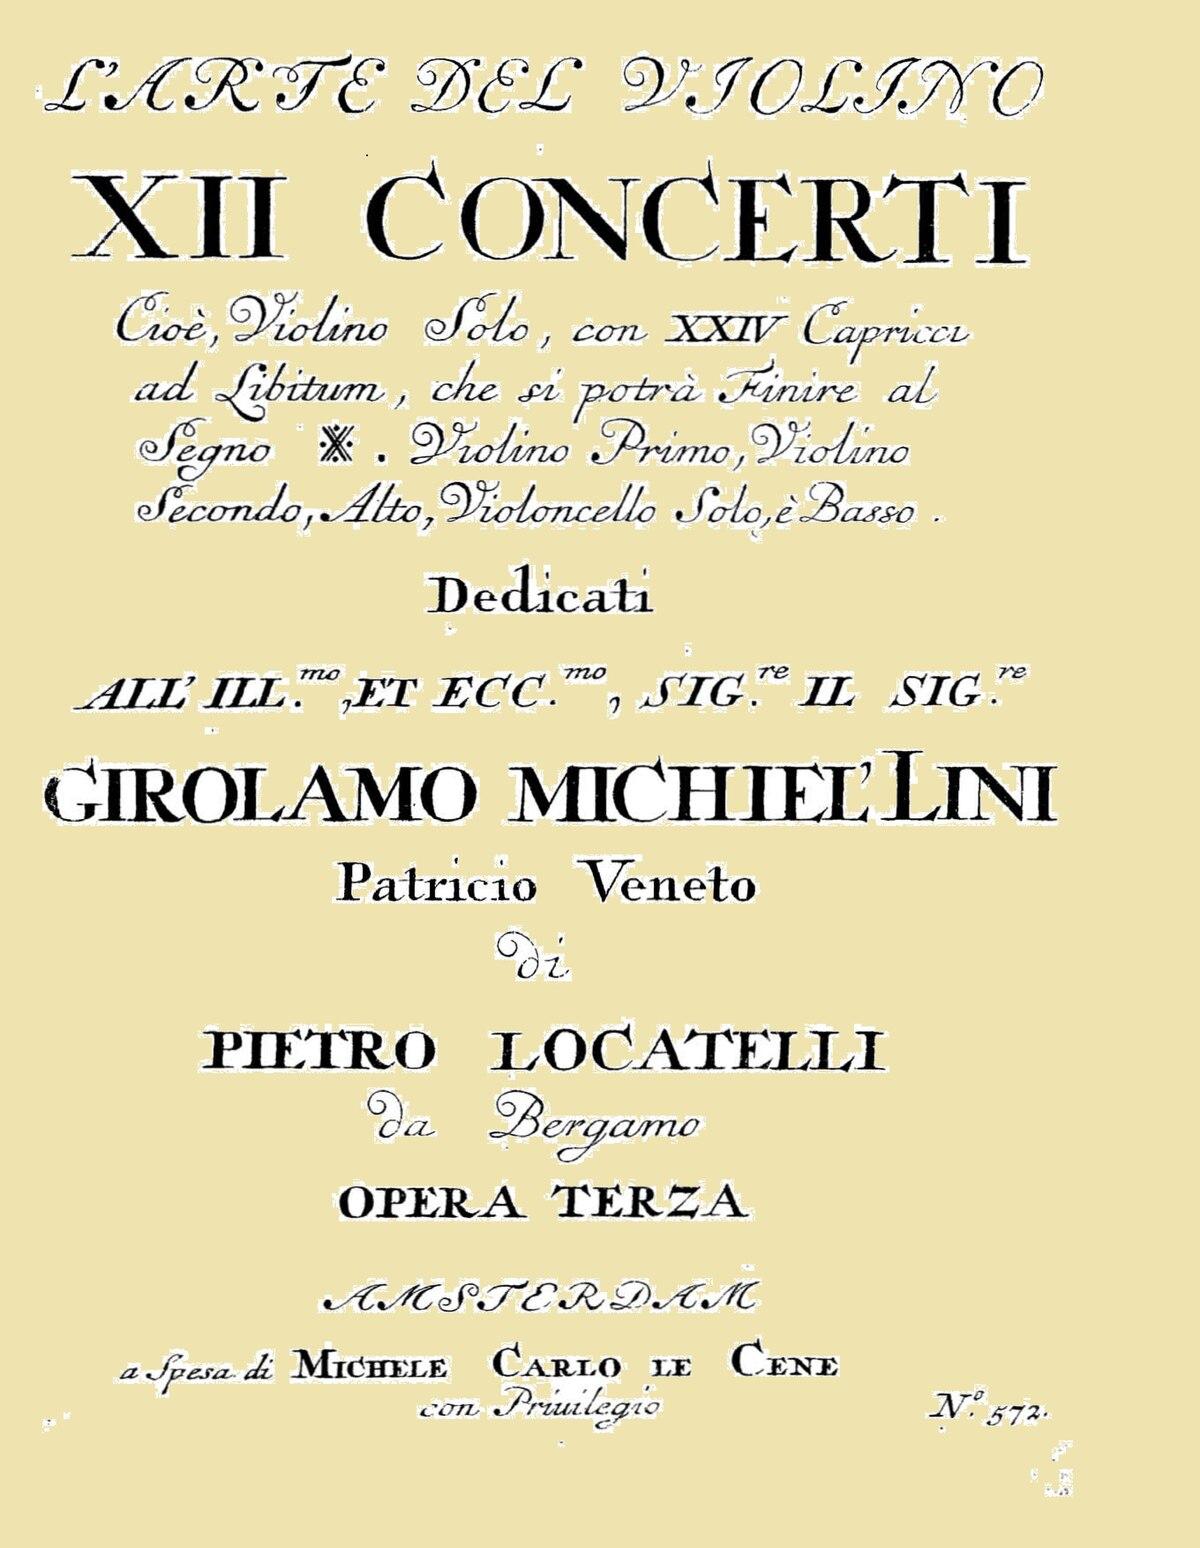 L'arte del violino - Wikipedia